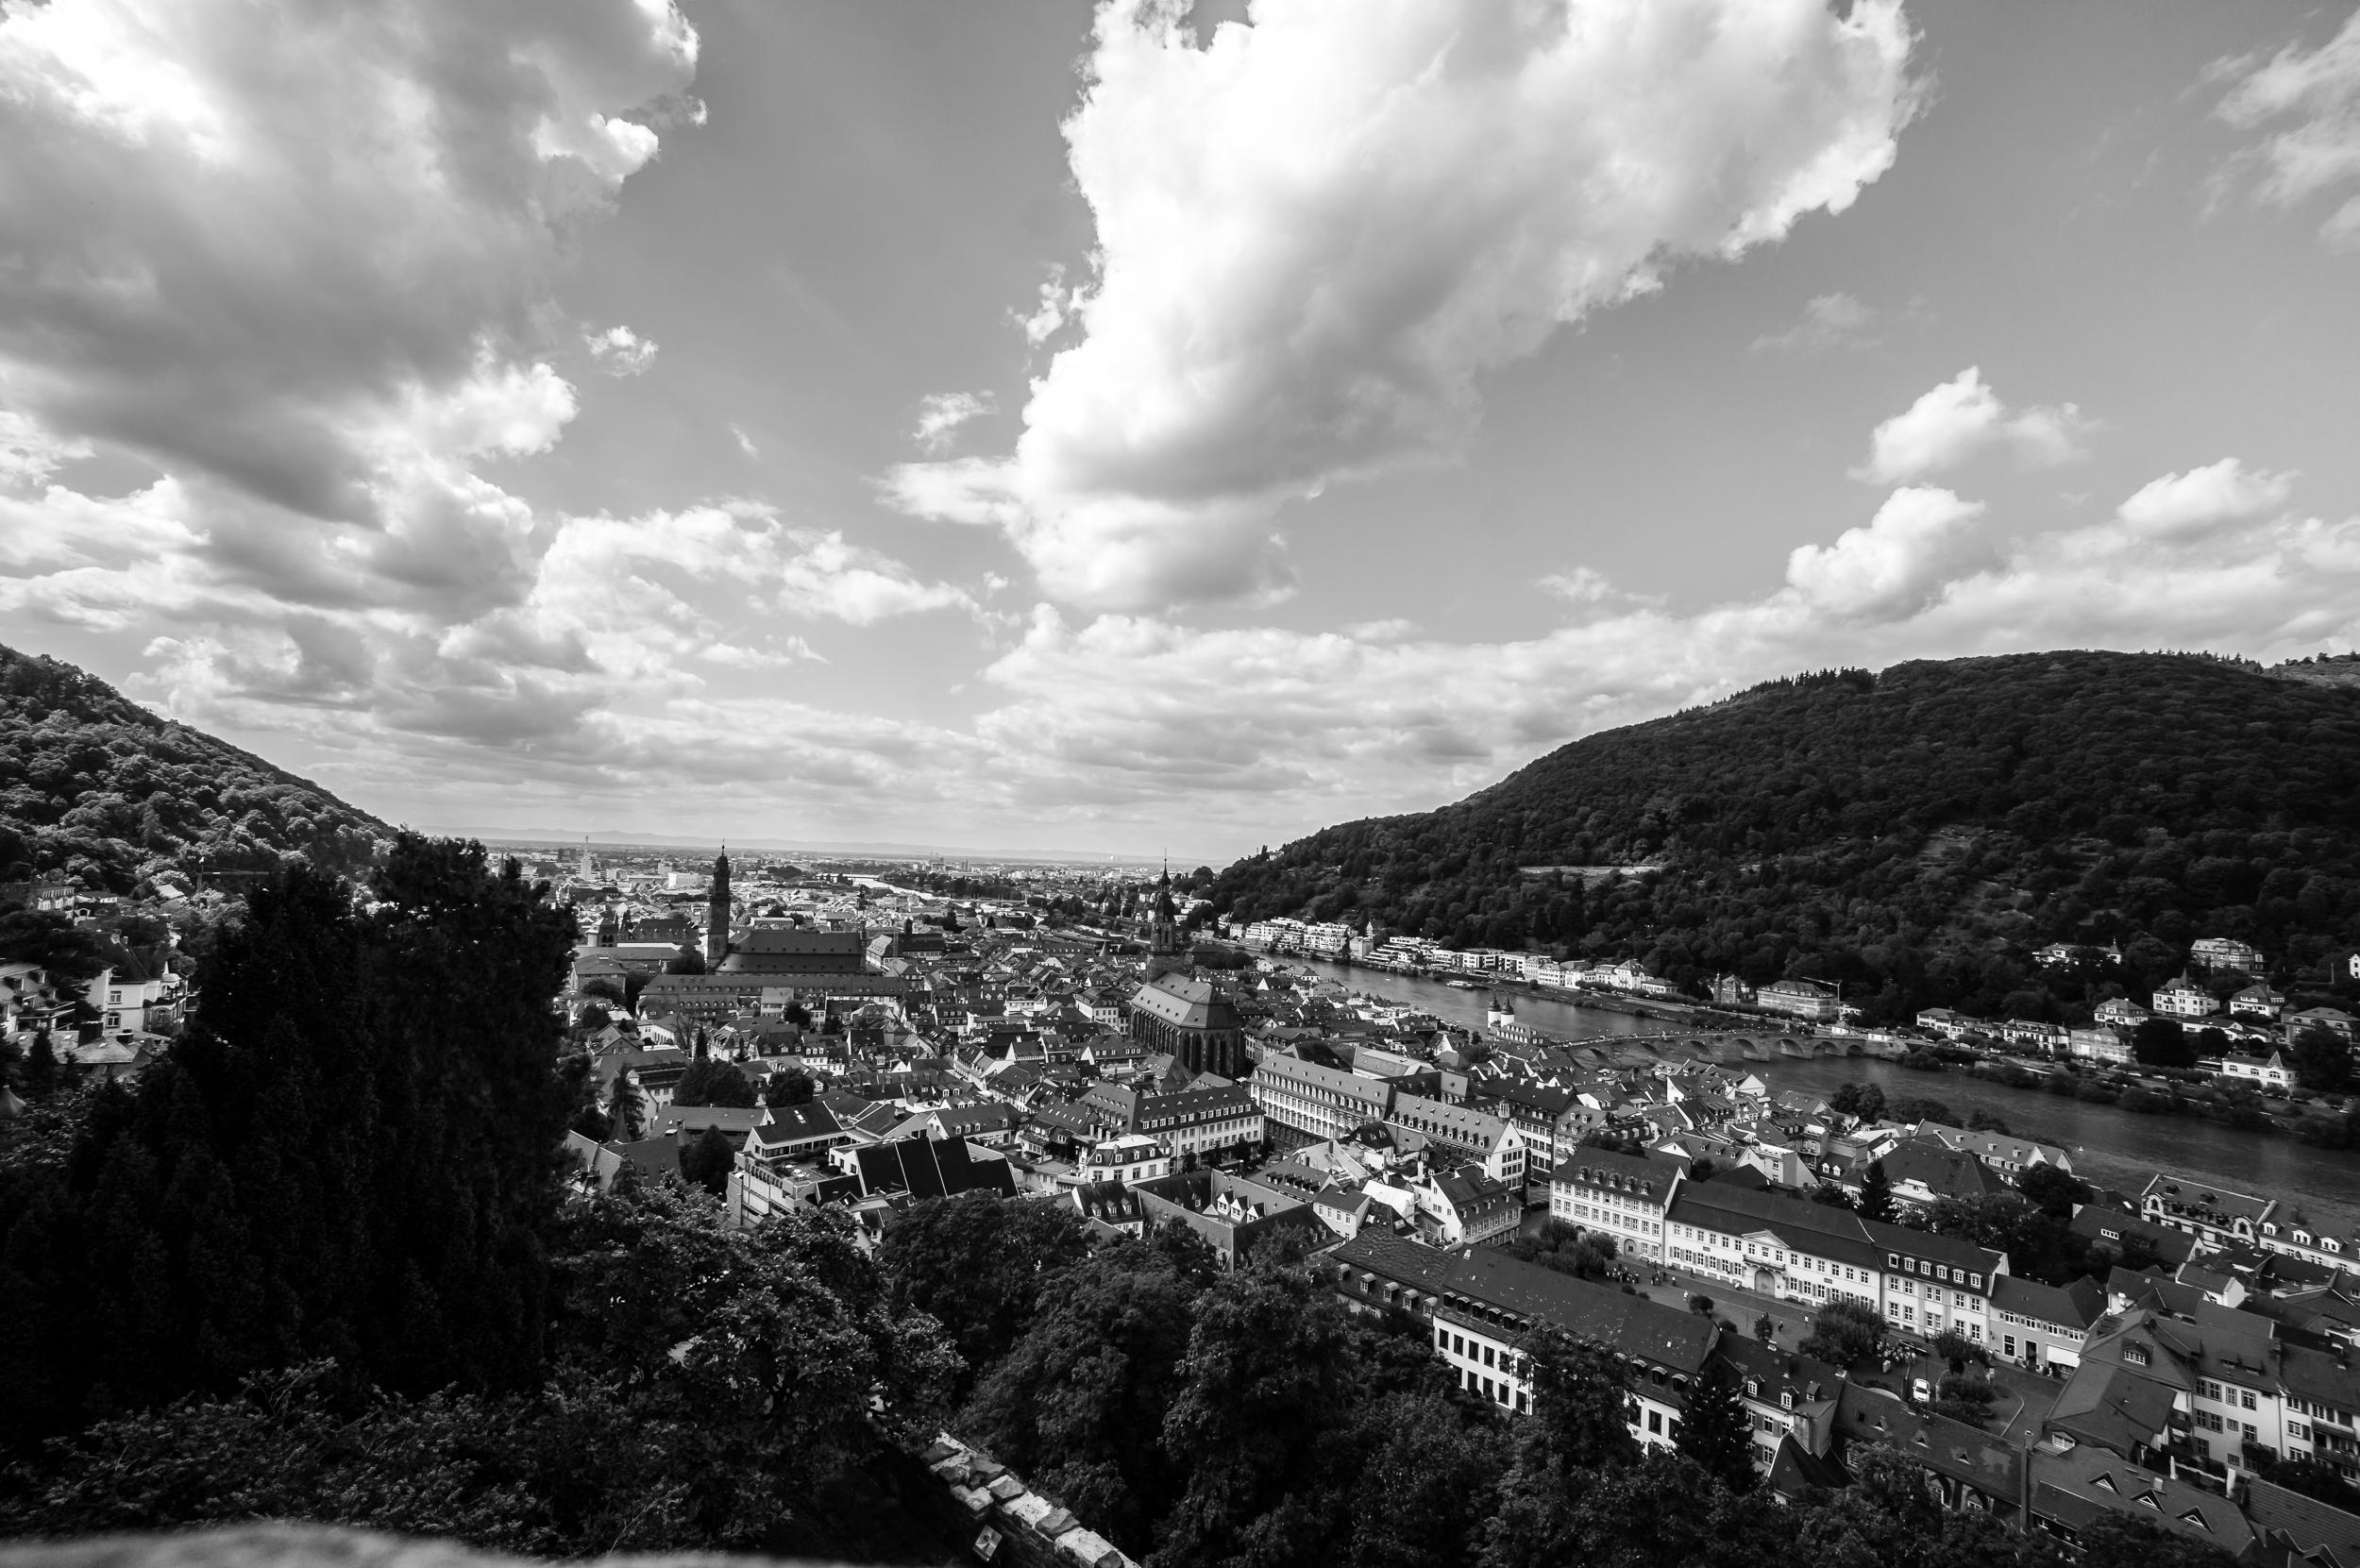 Heidelberg-9-August 30, 2014.jpg